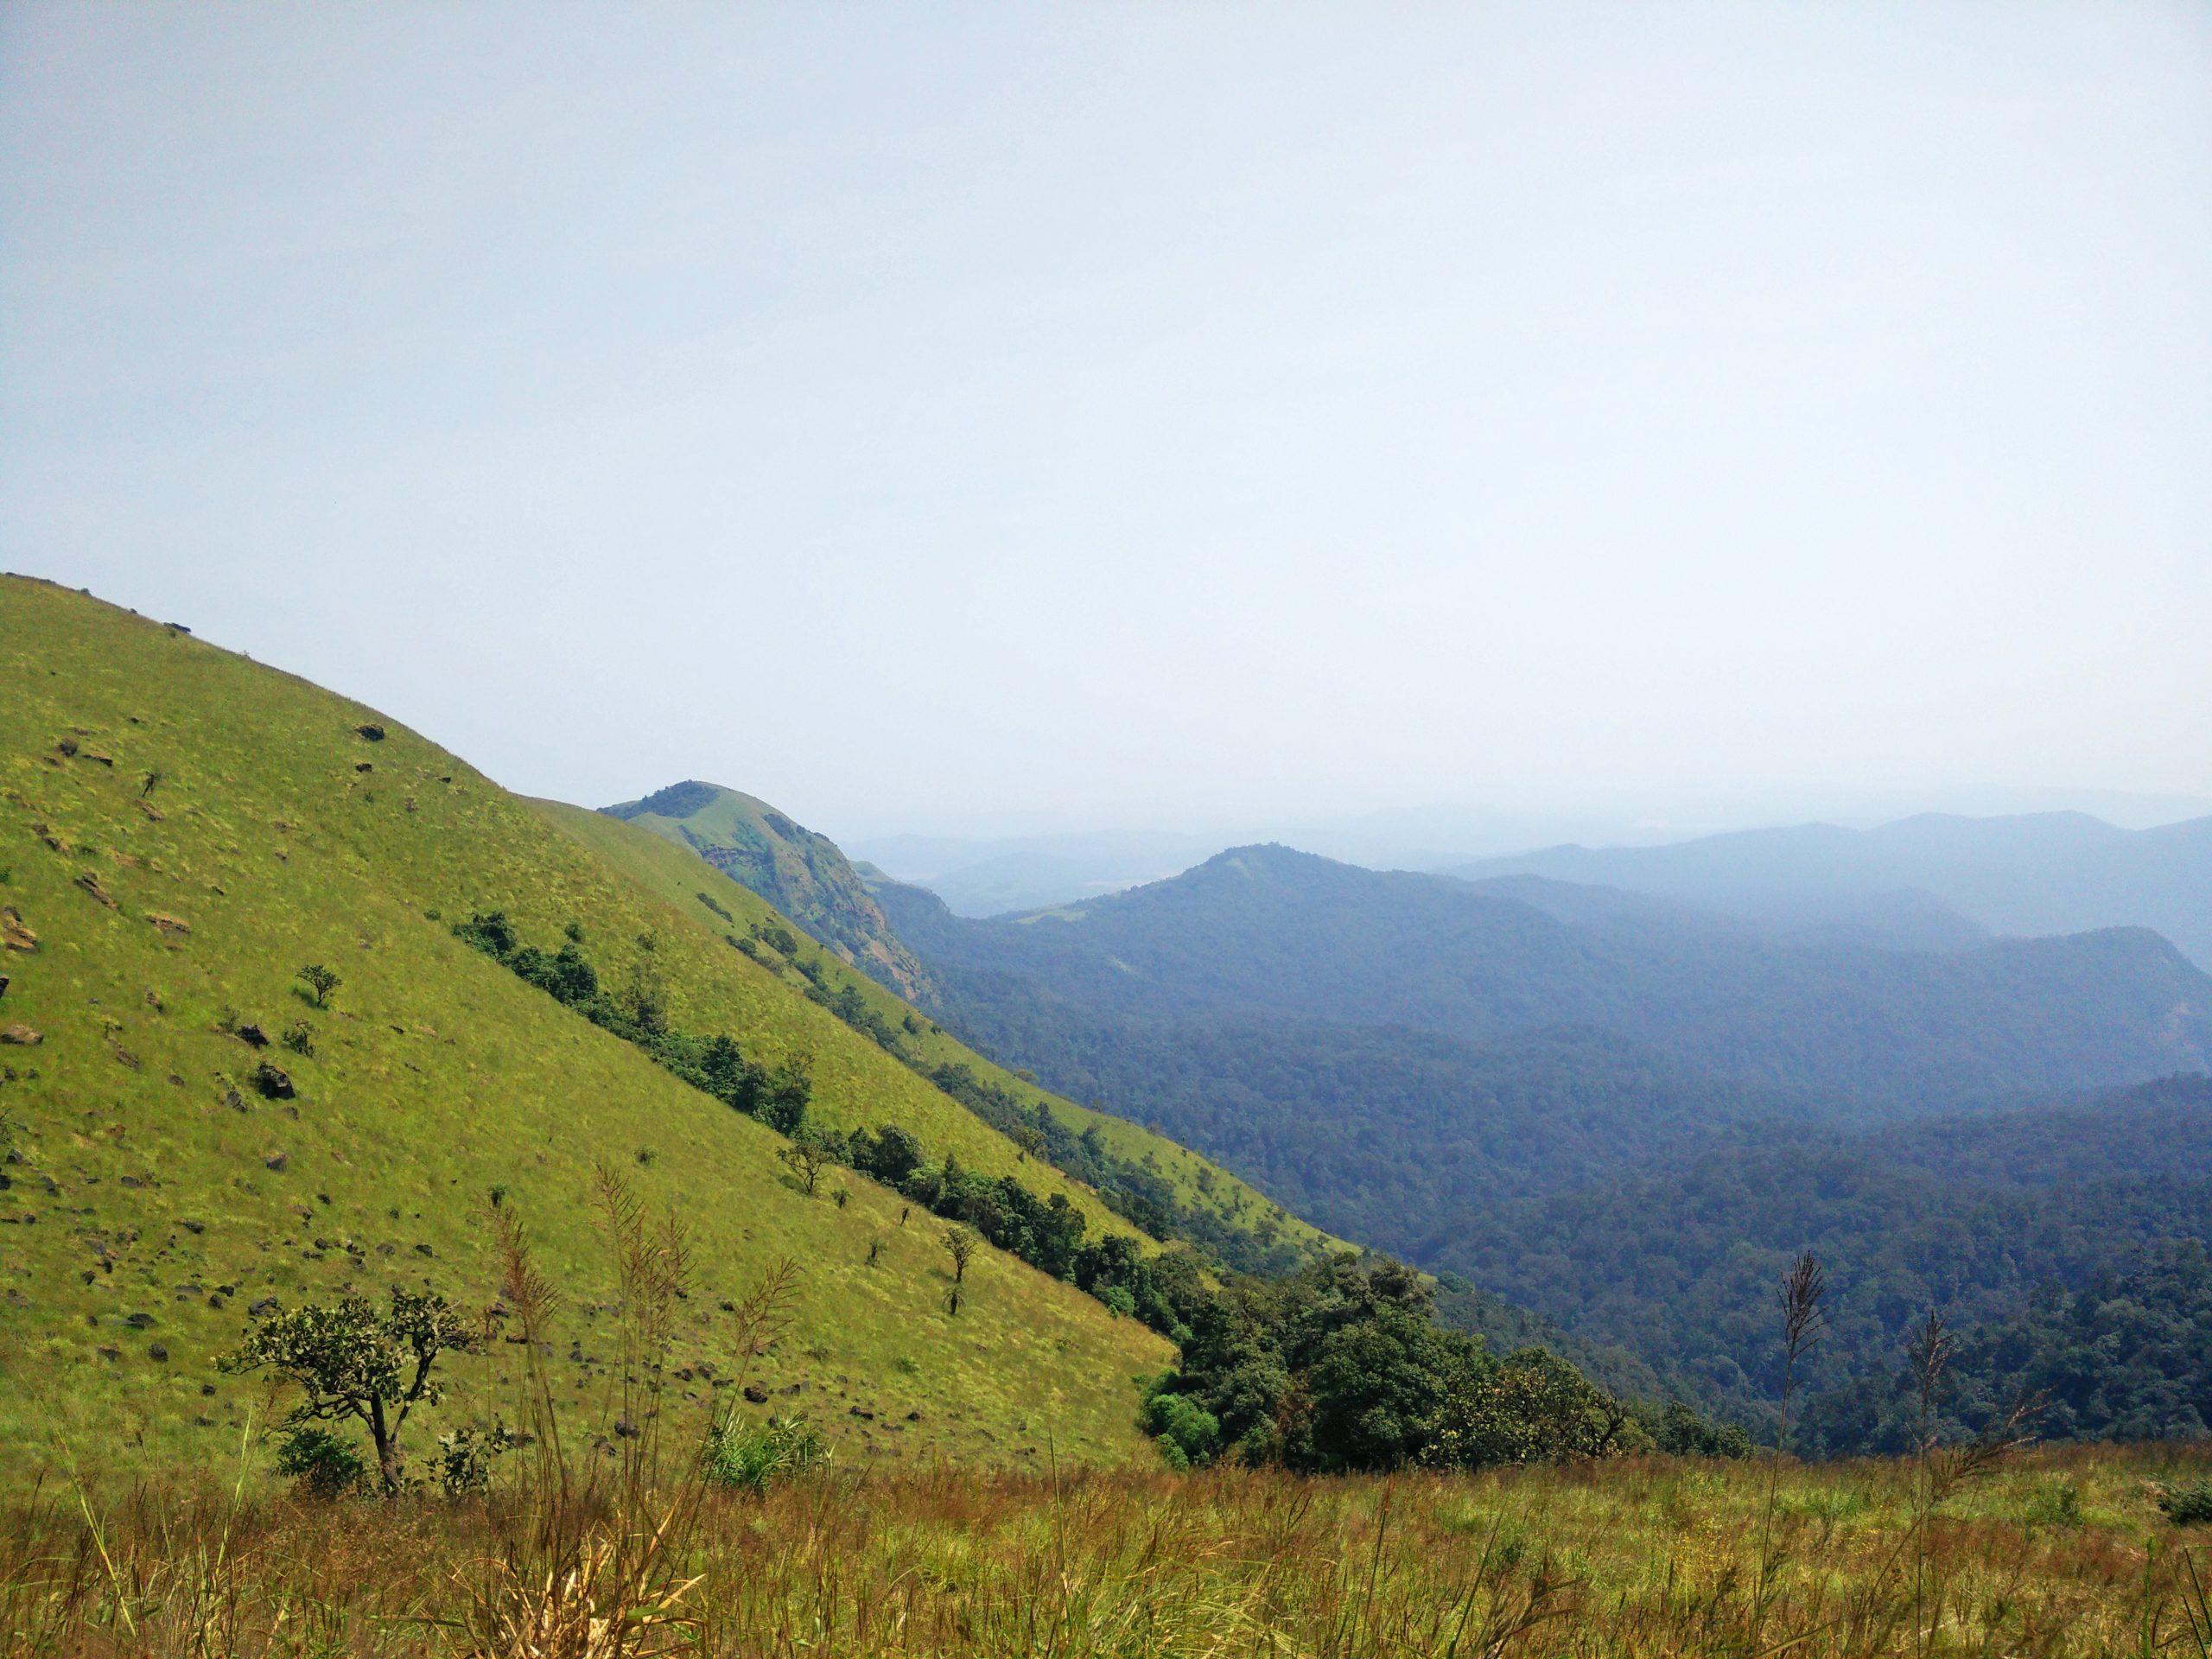 Famous Place To Visit In Shivamogga - Kodachadri